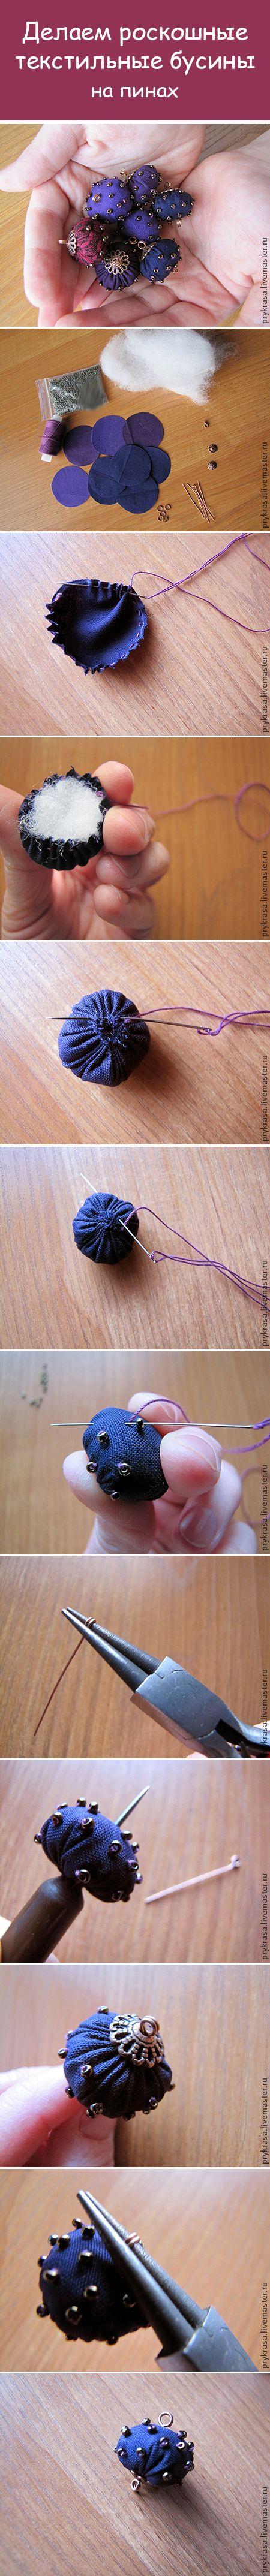 Как сделать текстильные бусины / How to make textile beads #beads #maserclass #textile #diy